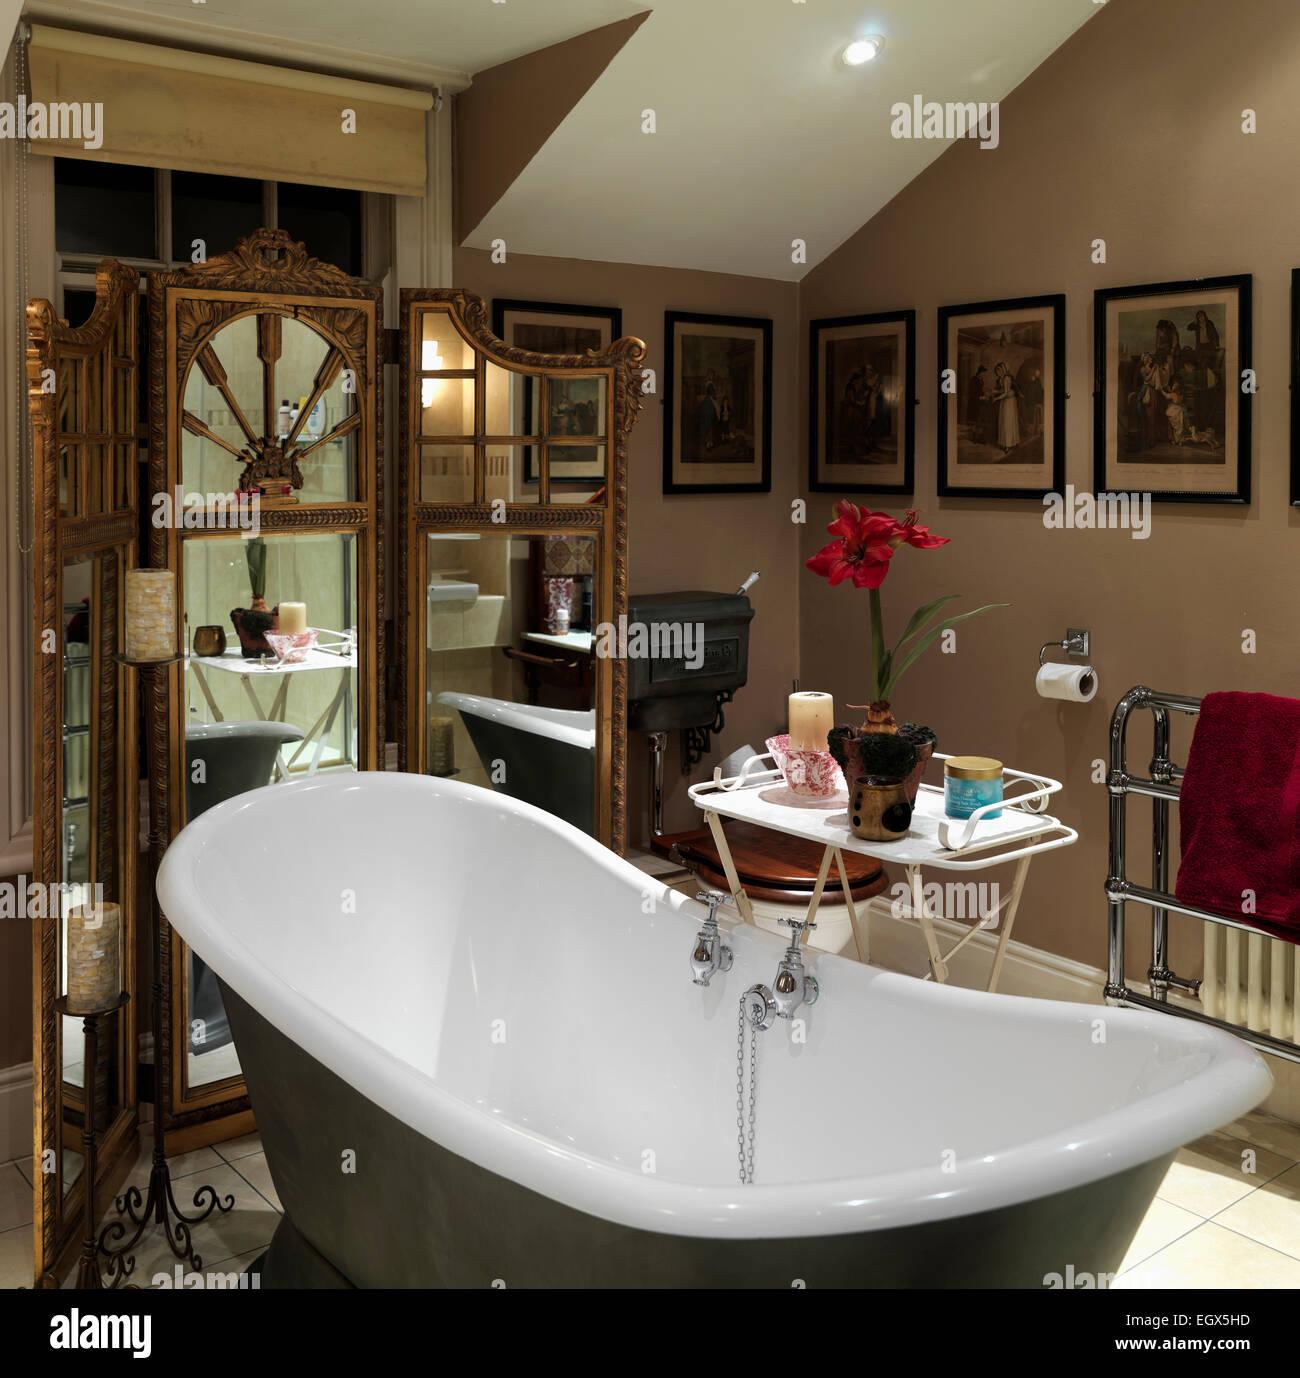 Baignoire sur pieds dans la salle de bain traditionnelle, UK Home ...